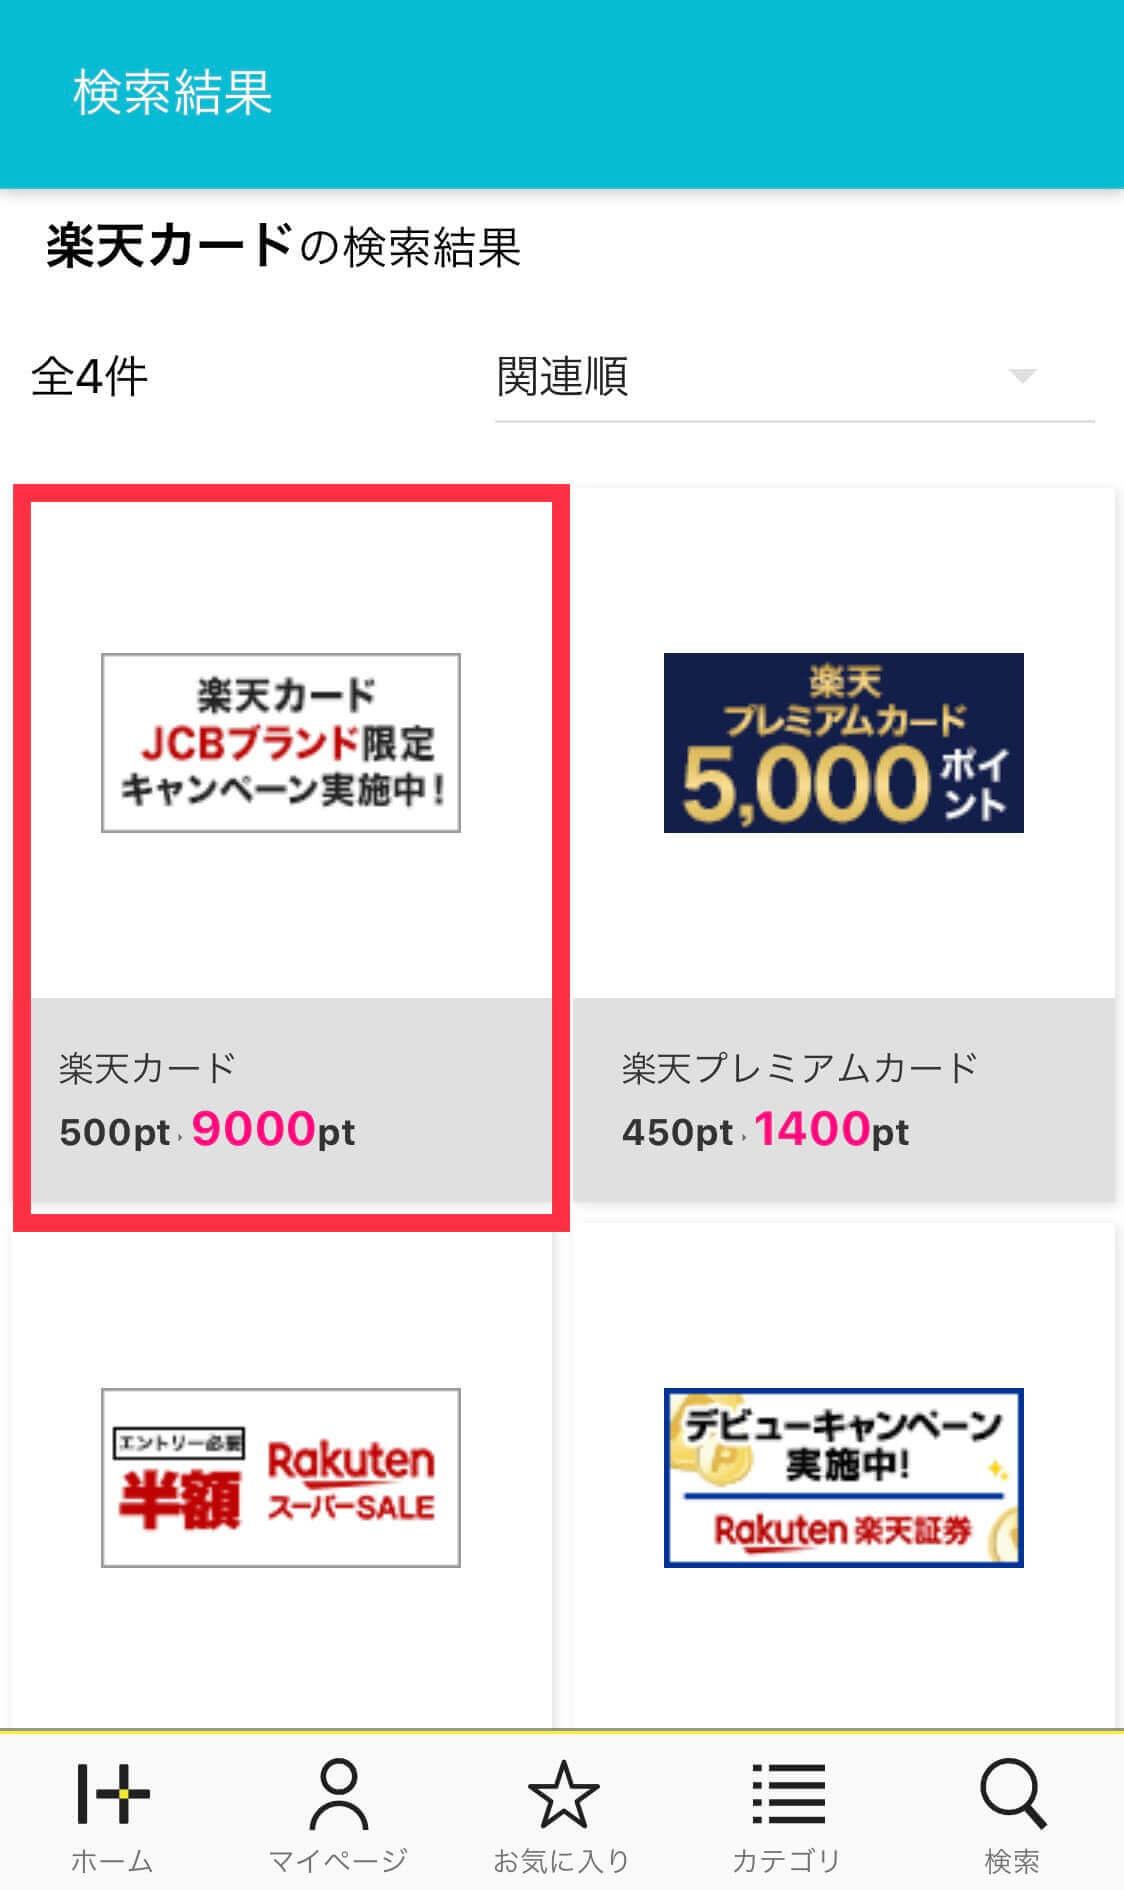 「ポイントを貯める」ボタンを押して楽天カードのサイトで申込んで終了です。